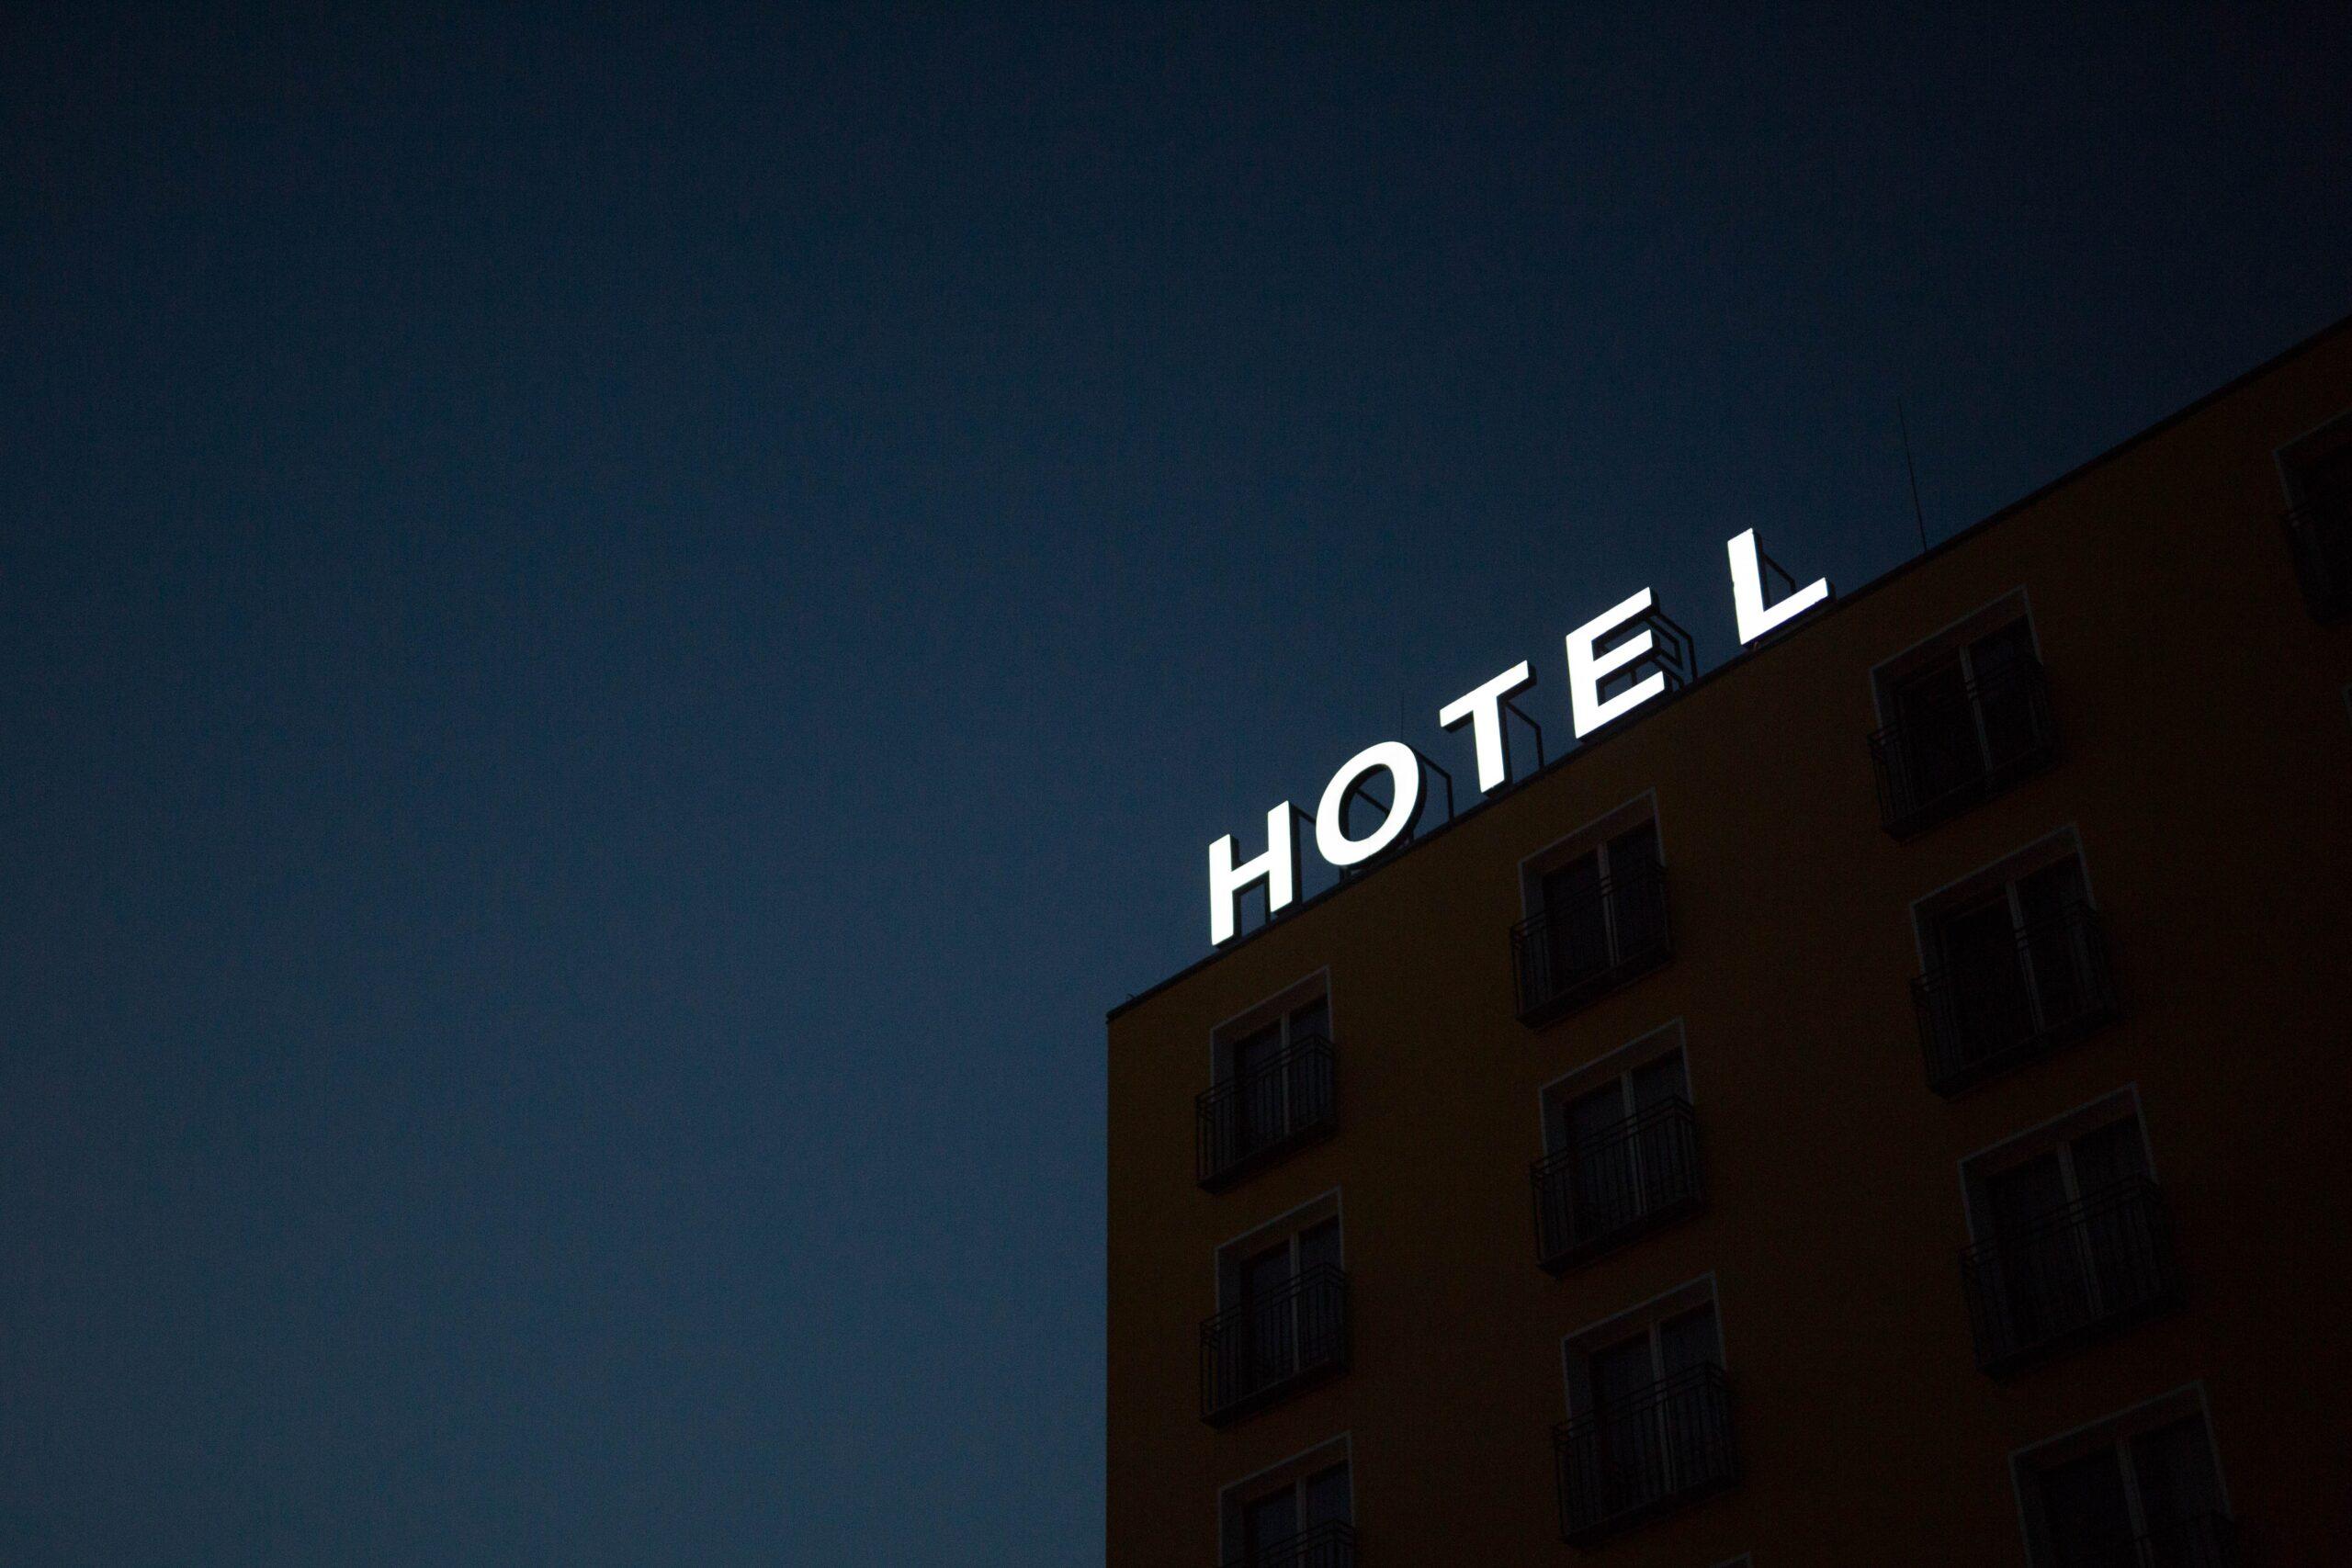 学生5人の宿泊拒否した福岡市のホテルや専門学校の場所はどこで名前は特定された?